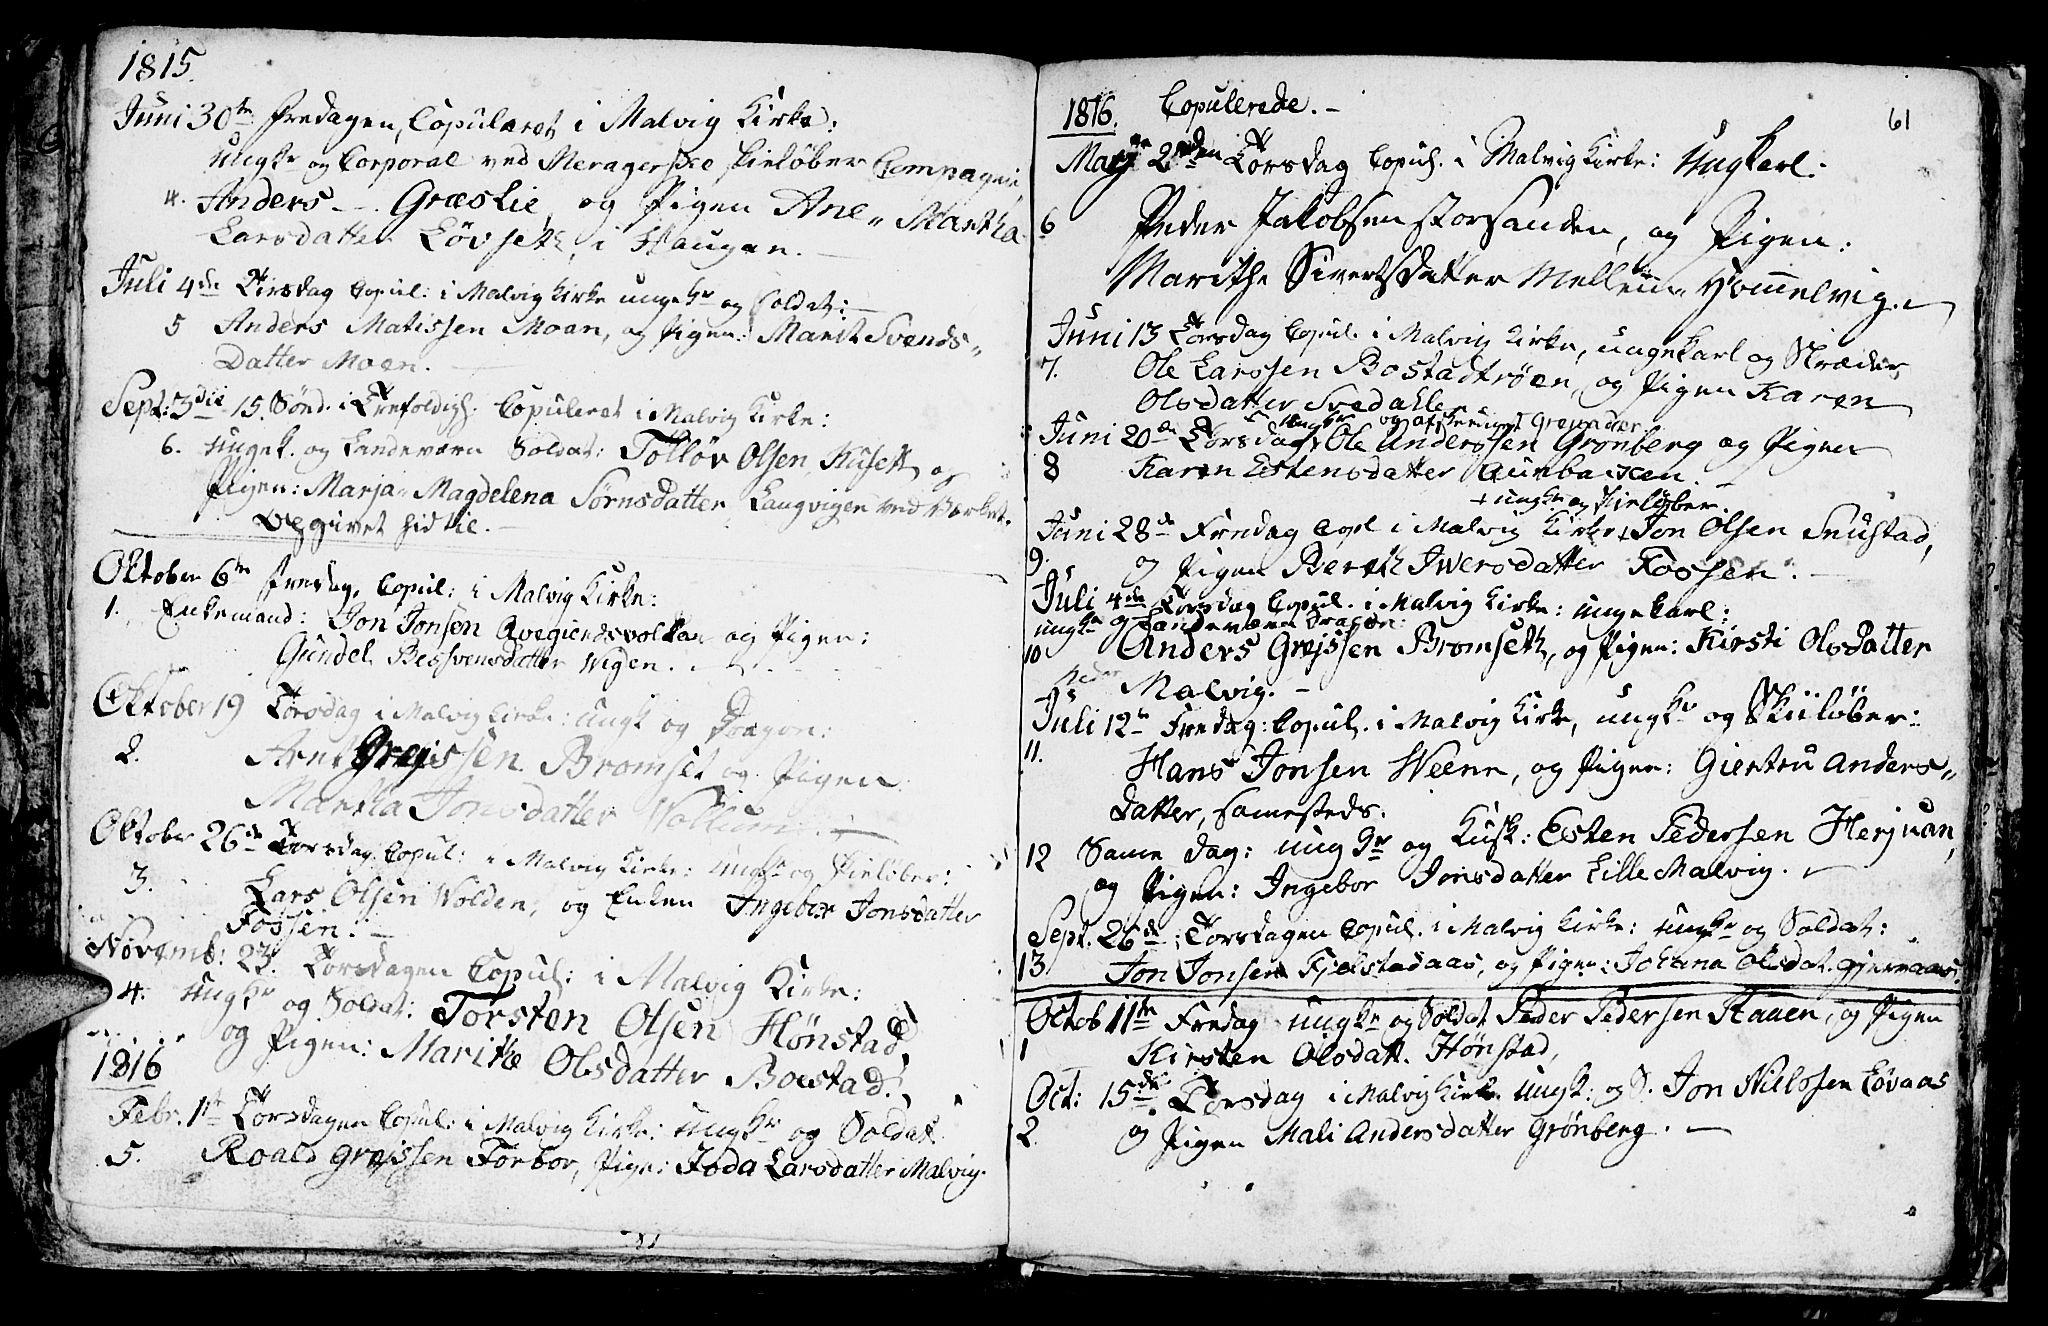 SAT, Ministerialprotokoller, klokkerbøker og fødselsregistre - Sør-Trøndelag, 616/L0419: Klokkerbok nr. 616C02, 1797-1816, s. 61